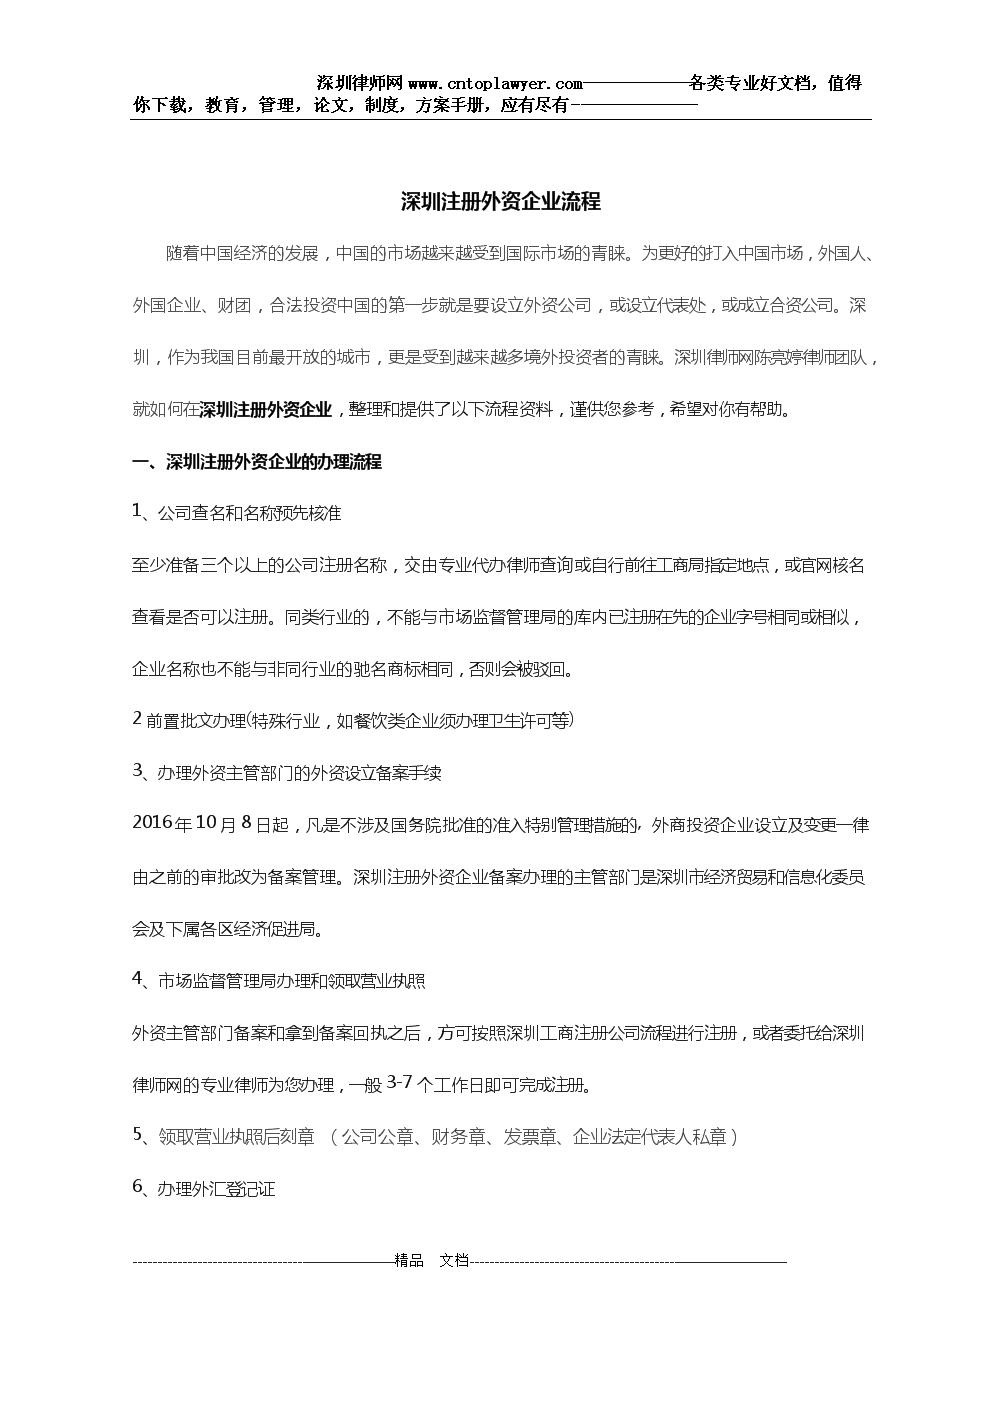 深圳注册外资企业流程.docx